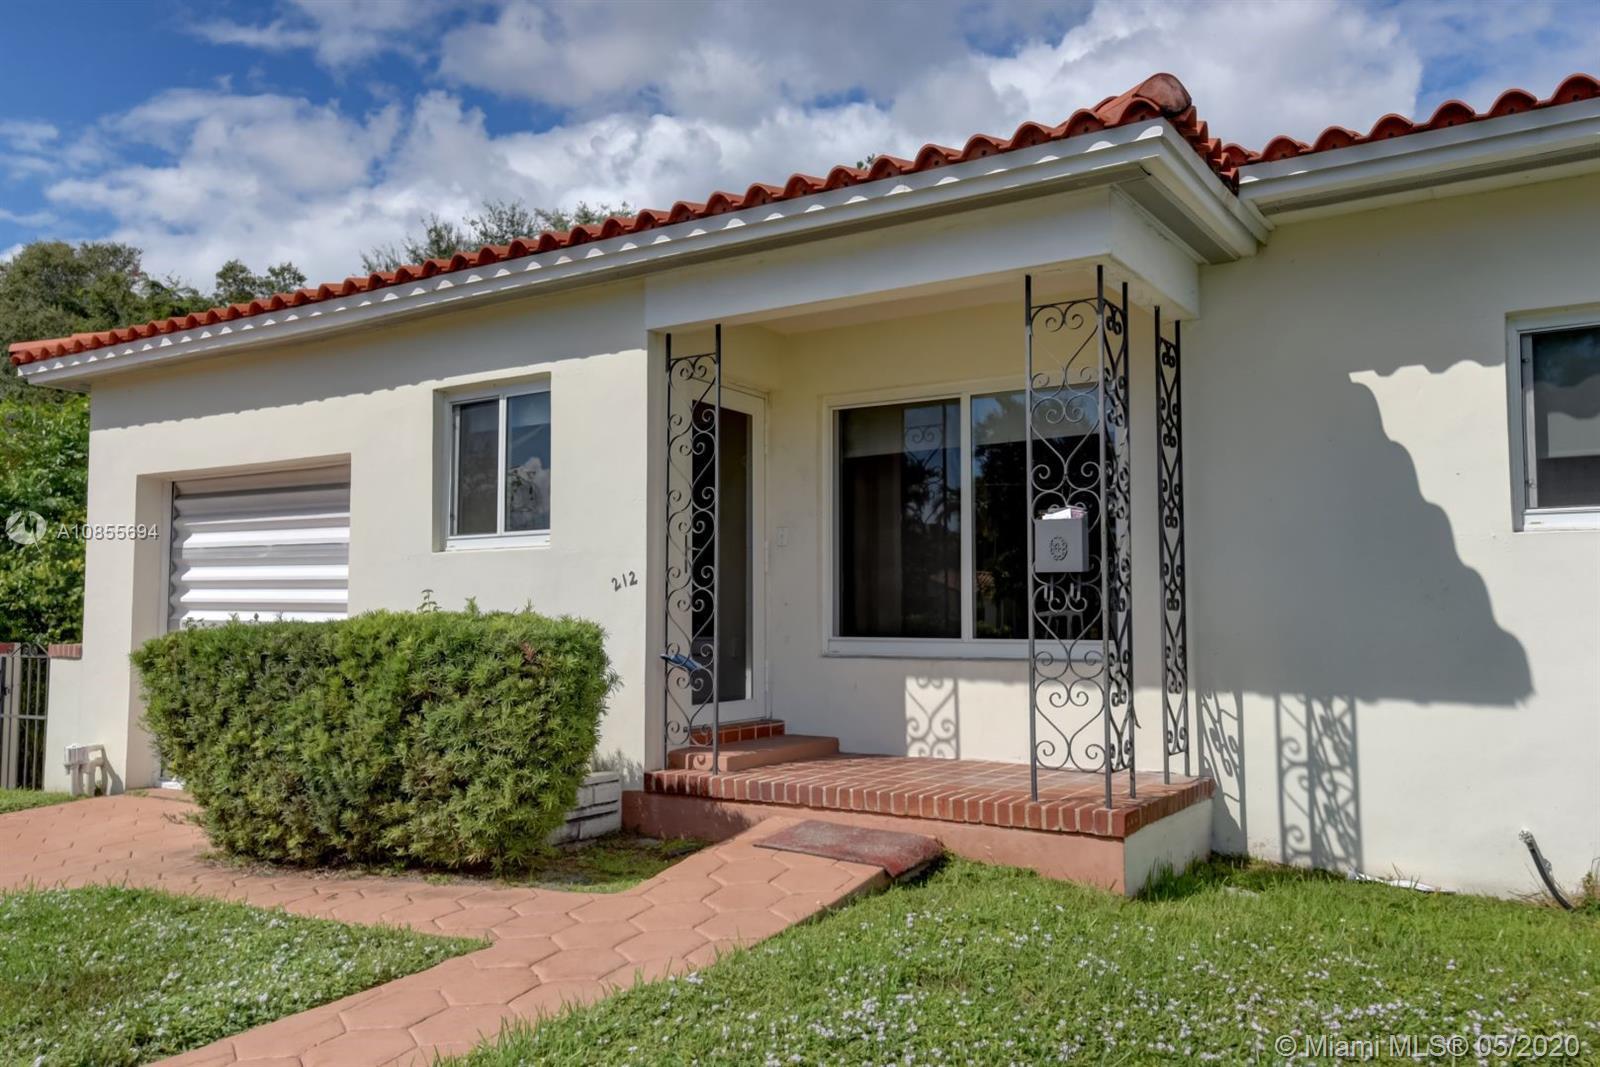 212  Ponce De Leon Blvd  For Sale A10855694, FL